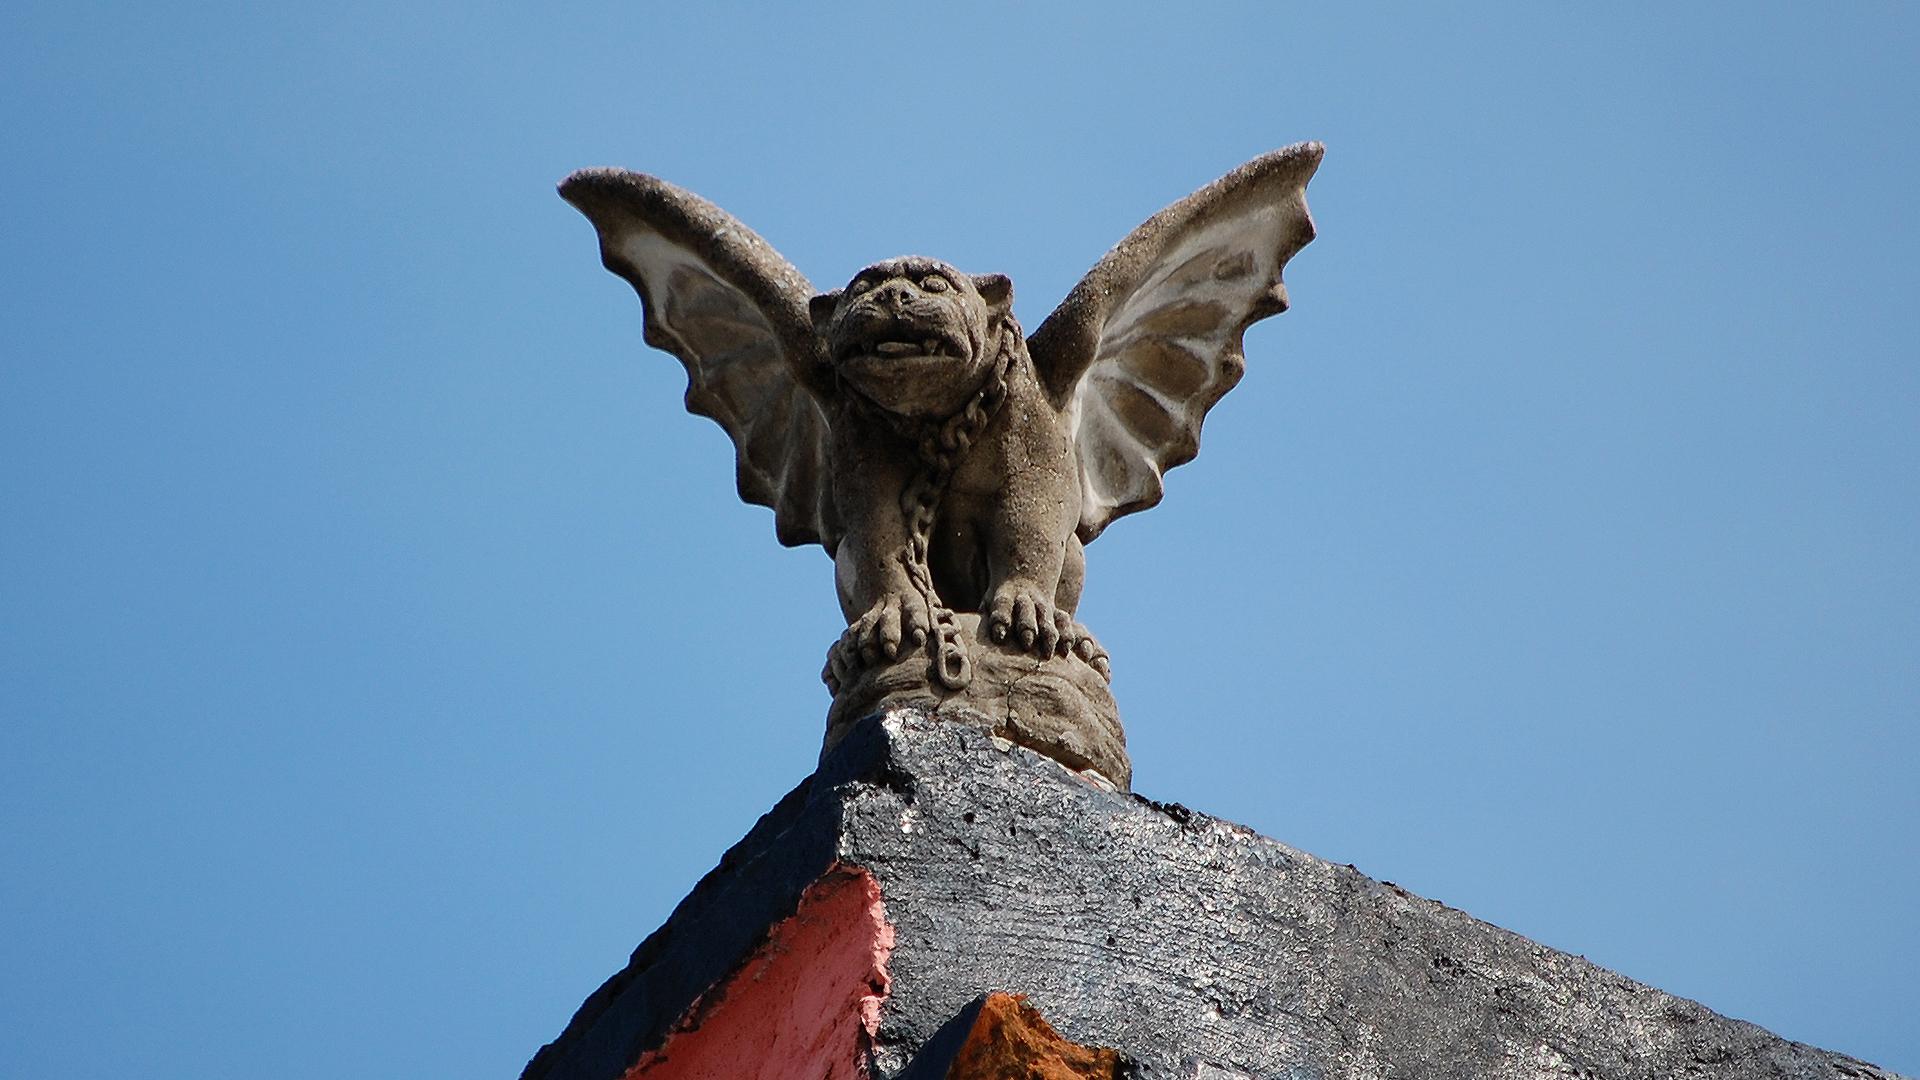 Chained Winged Gargoyle